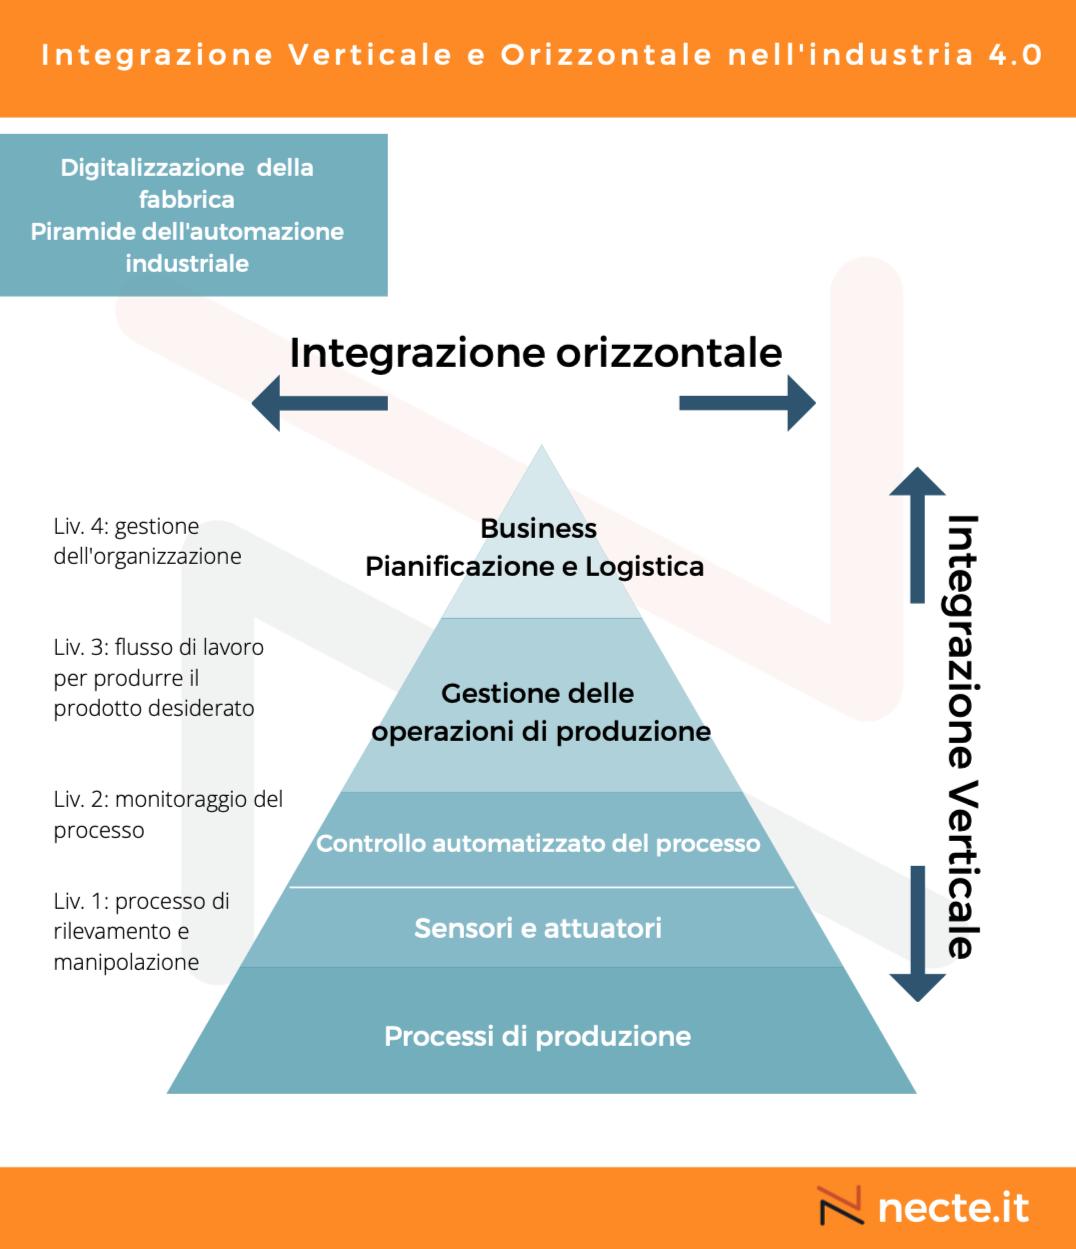 Integrazione Verticale ed Orizzontale nell'industria 4.0